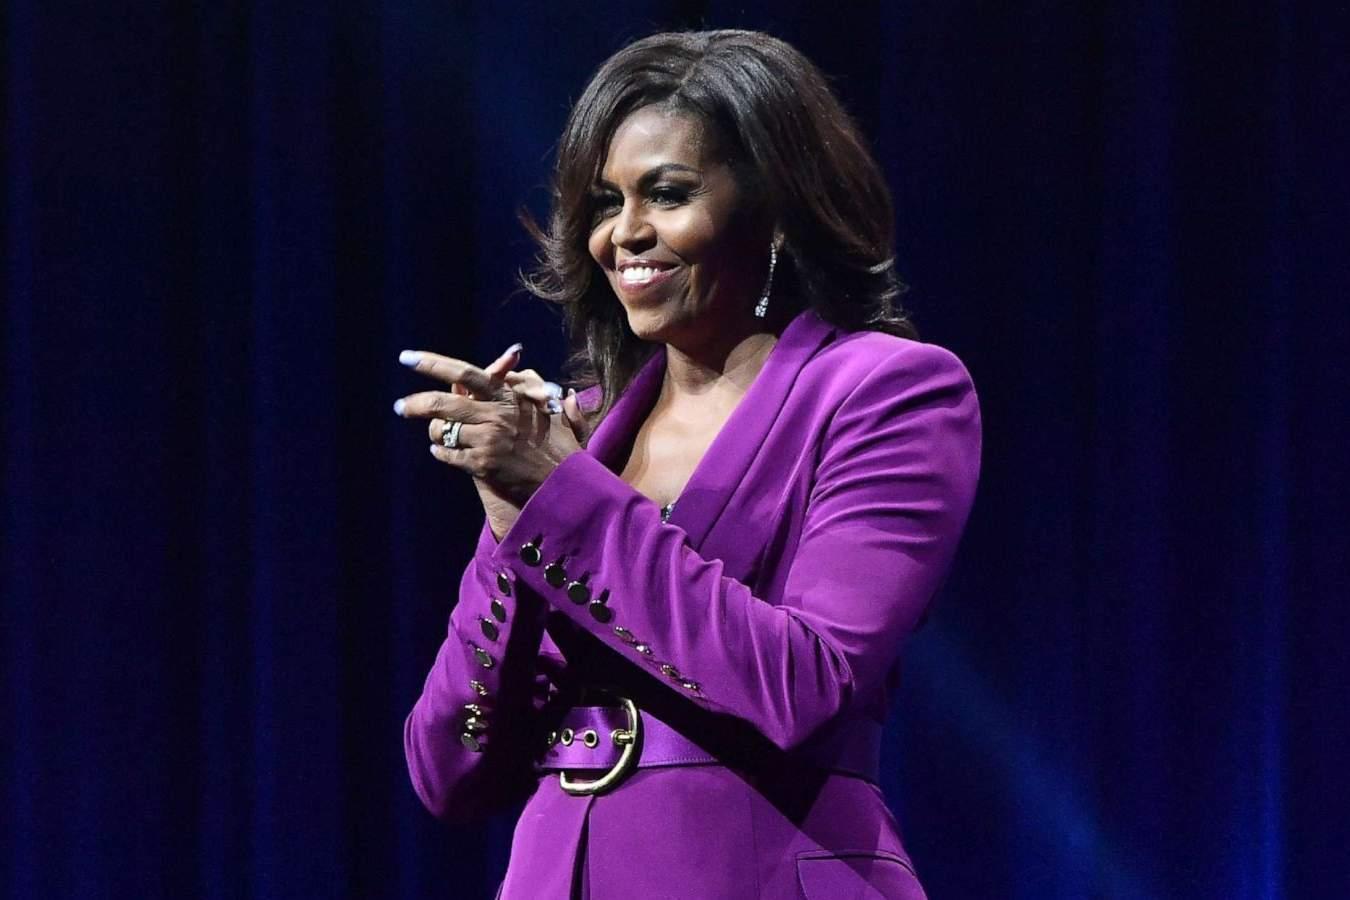 Học được gì từ phong cách lãnh đạo của Michelle Obama qua bộ phim 'Becoming'?